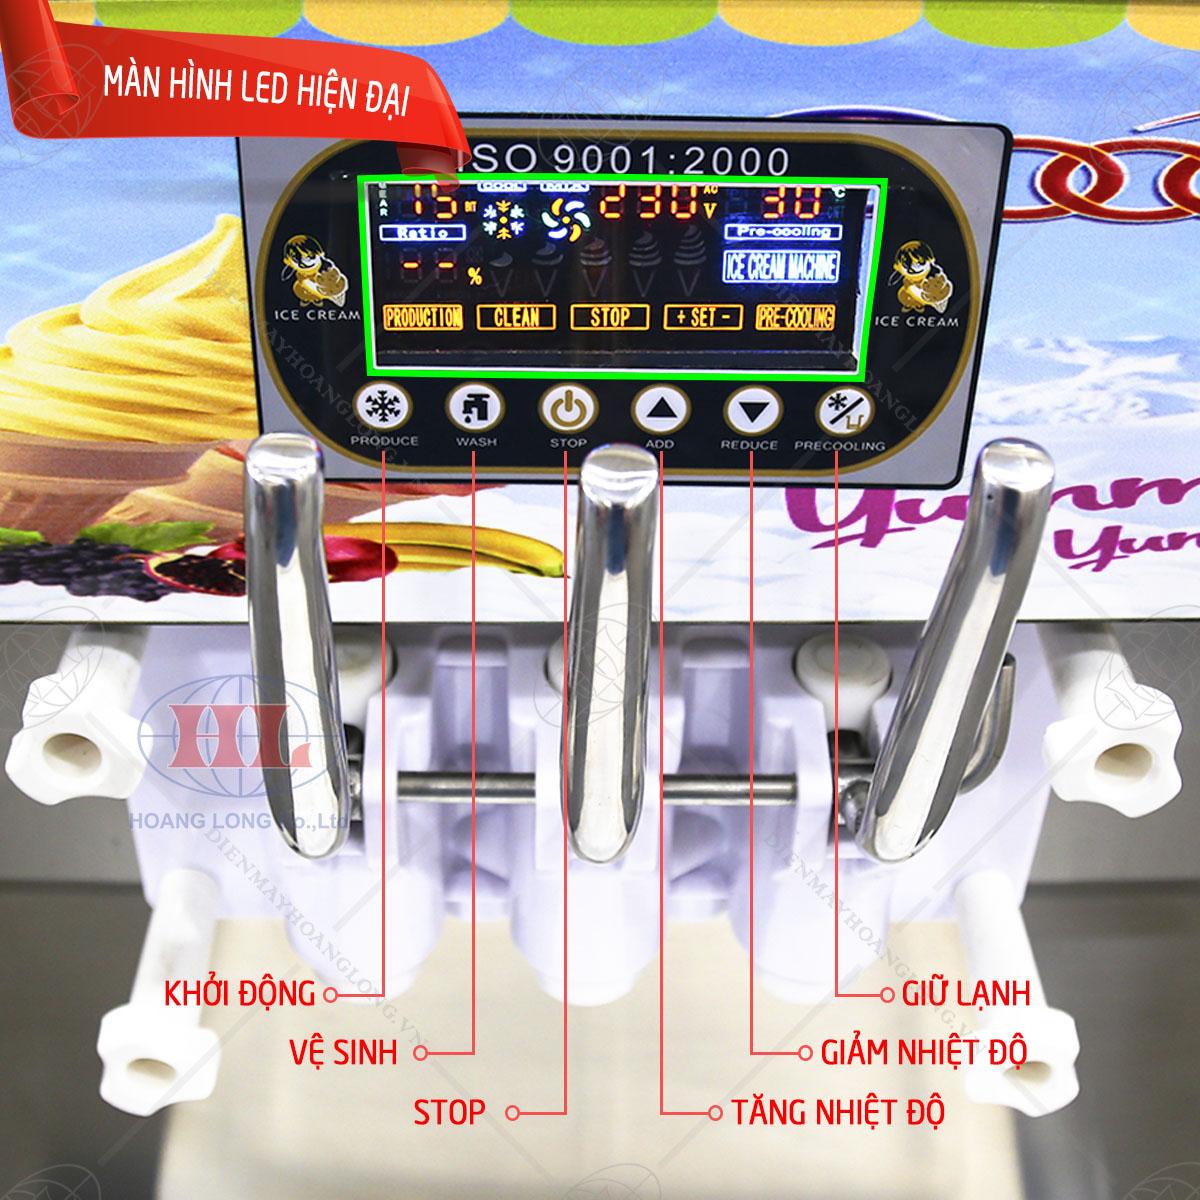 Bảng điều khiển máy làm kem tươi Pro